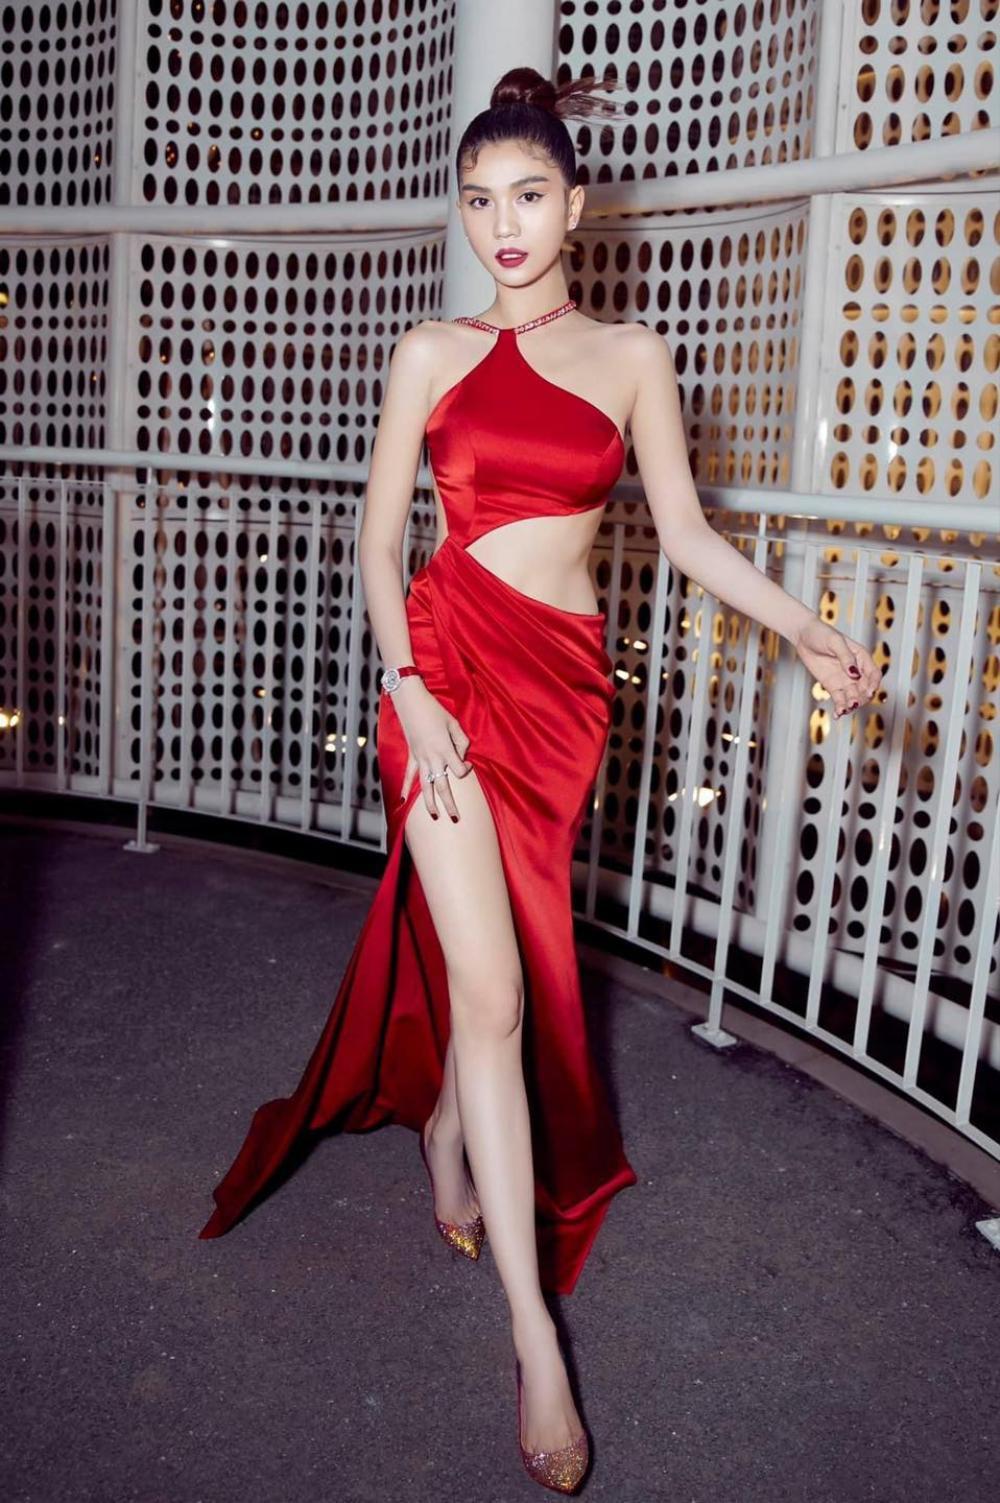 Ngọc Trinh diện váy đỏ rực khoe lưng ong mượt mà đốt mắt fan Ảnh 1